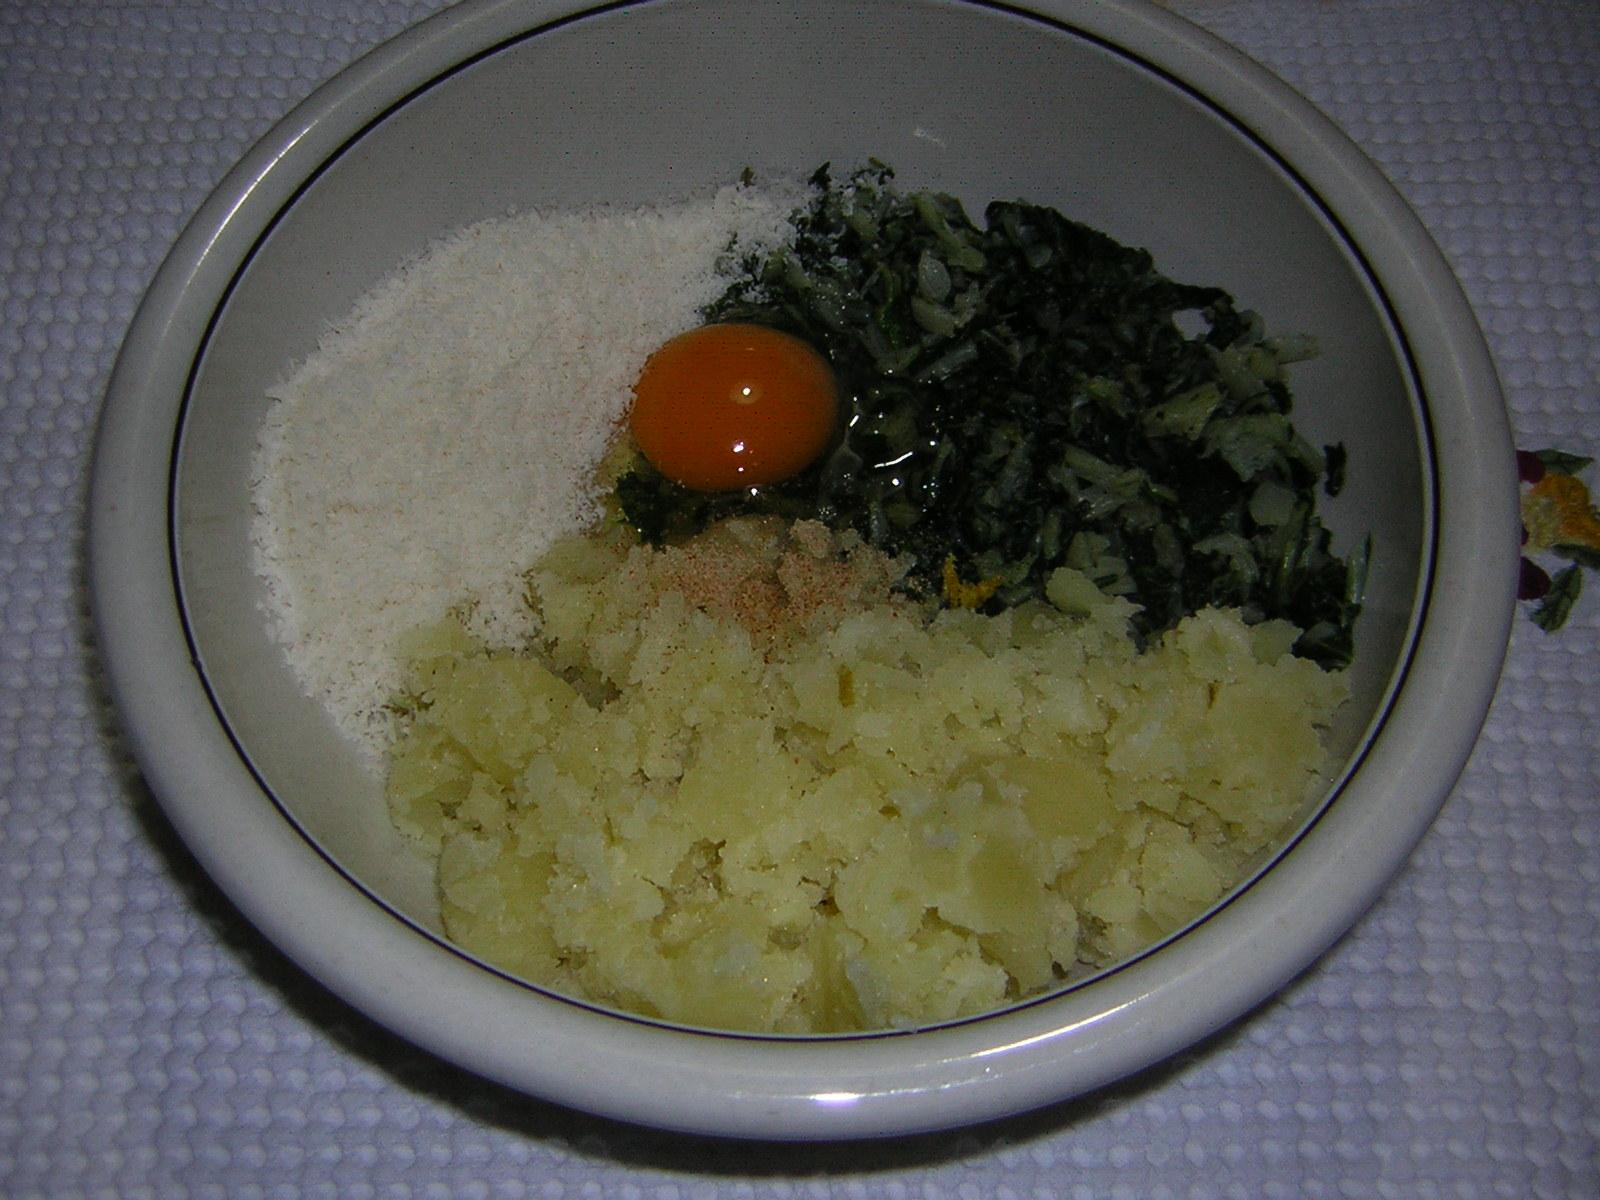 Preparazione dello sformato di patate e bietola